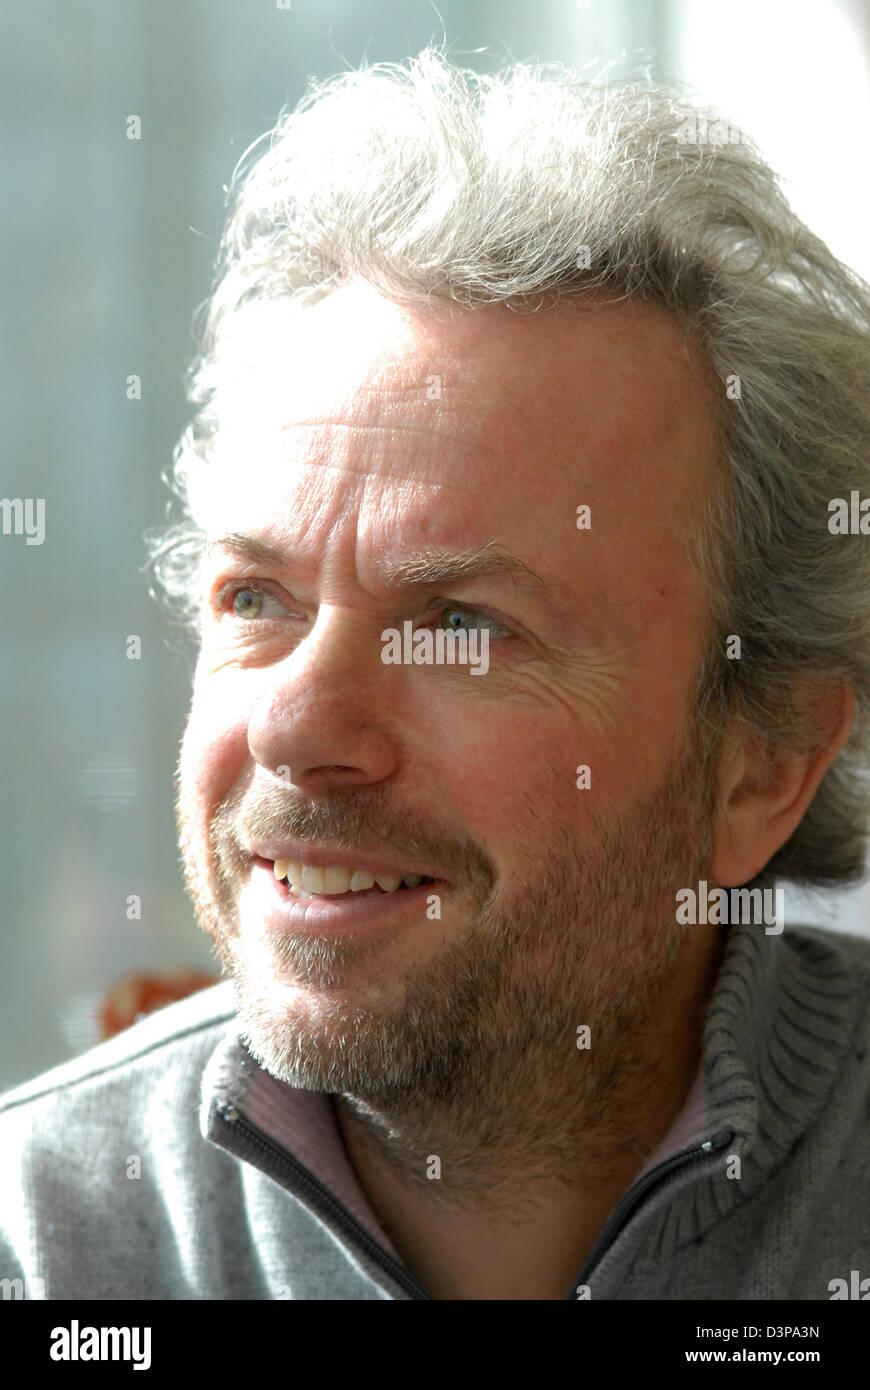 Frédéric Lenoir philosopher sociologist French. Frédéric Lenoir, filósofo y sociólogo, - Stock Image